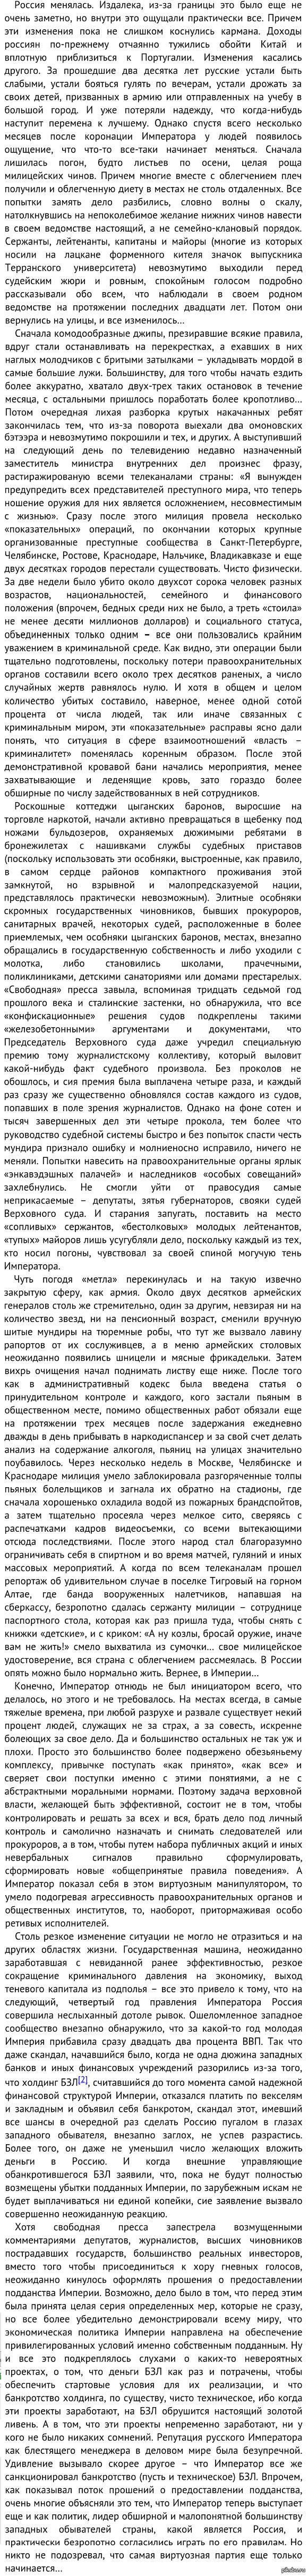 """Альтернативная история. Роман Злотников, дилогия """"Империя"""""""